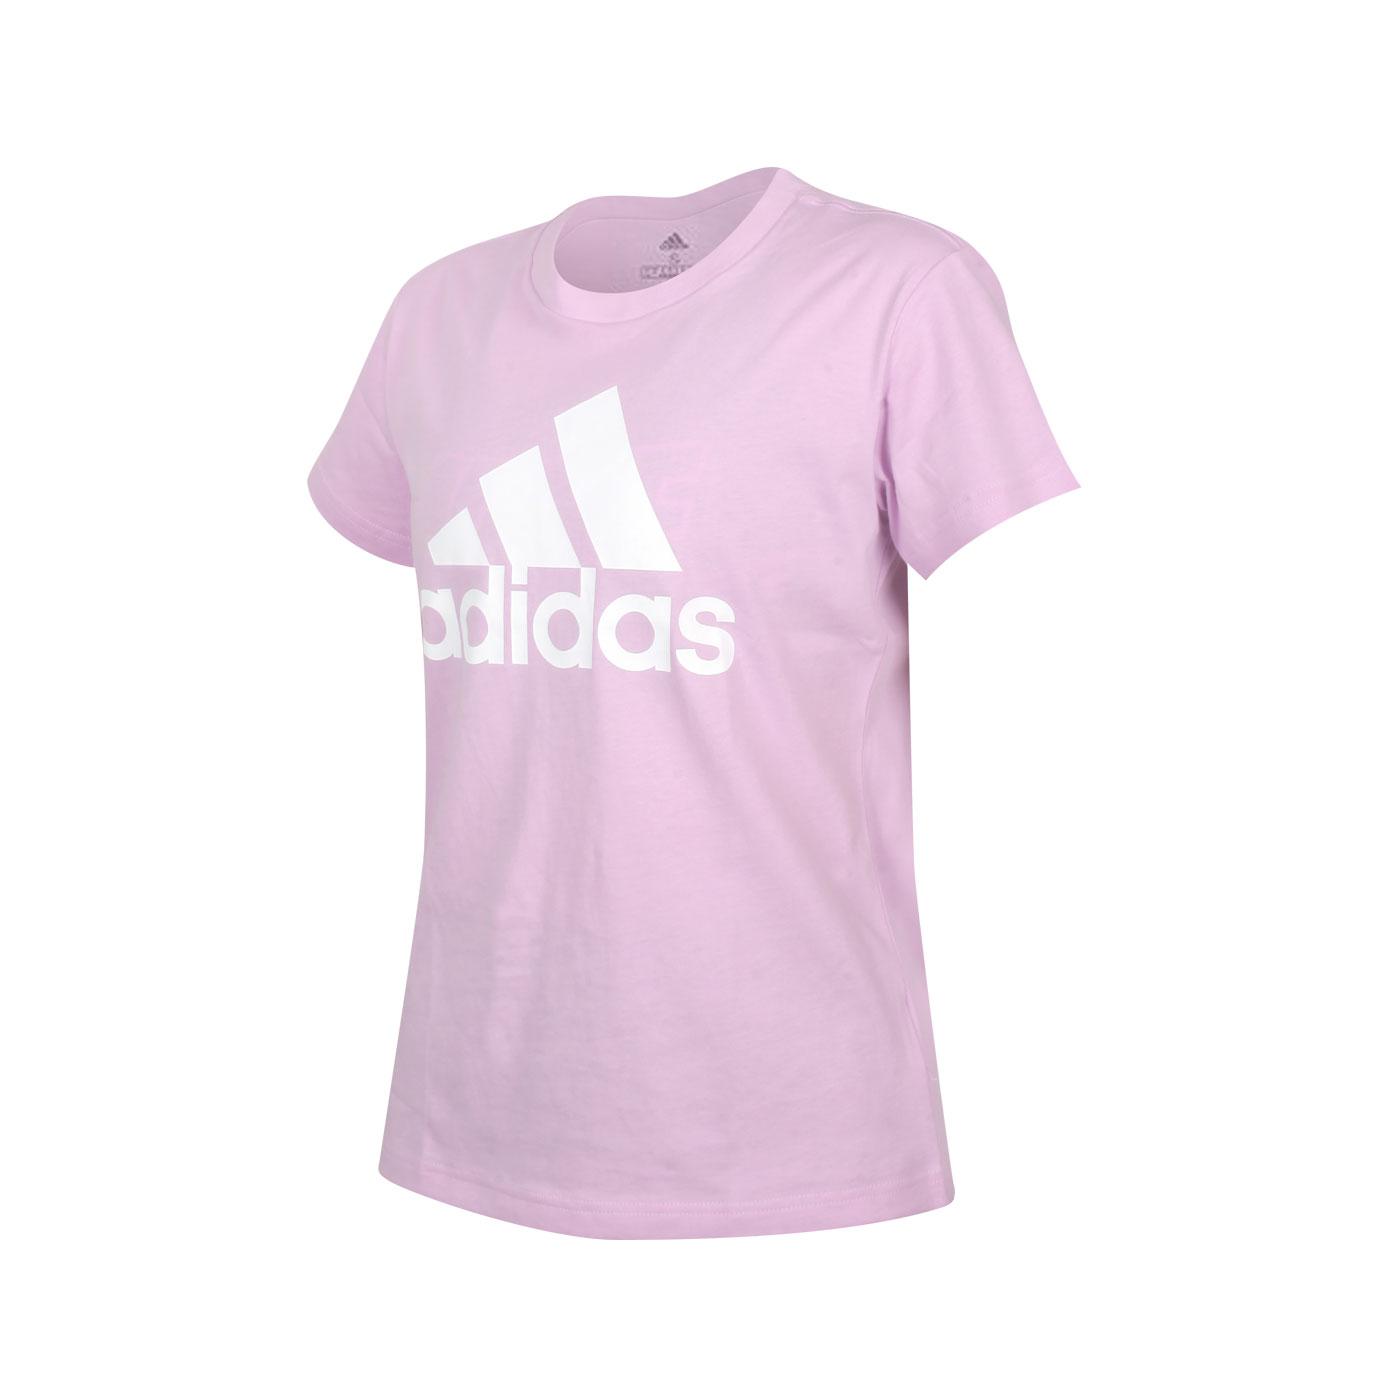 ADIDAS 女款短袖T恤 GV4030 - 粉紫白